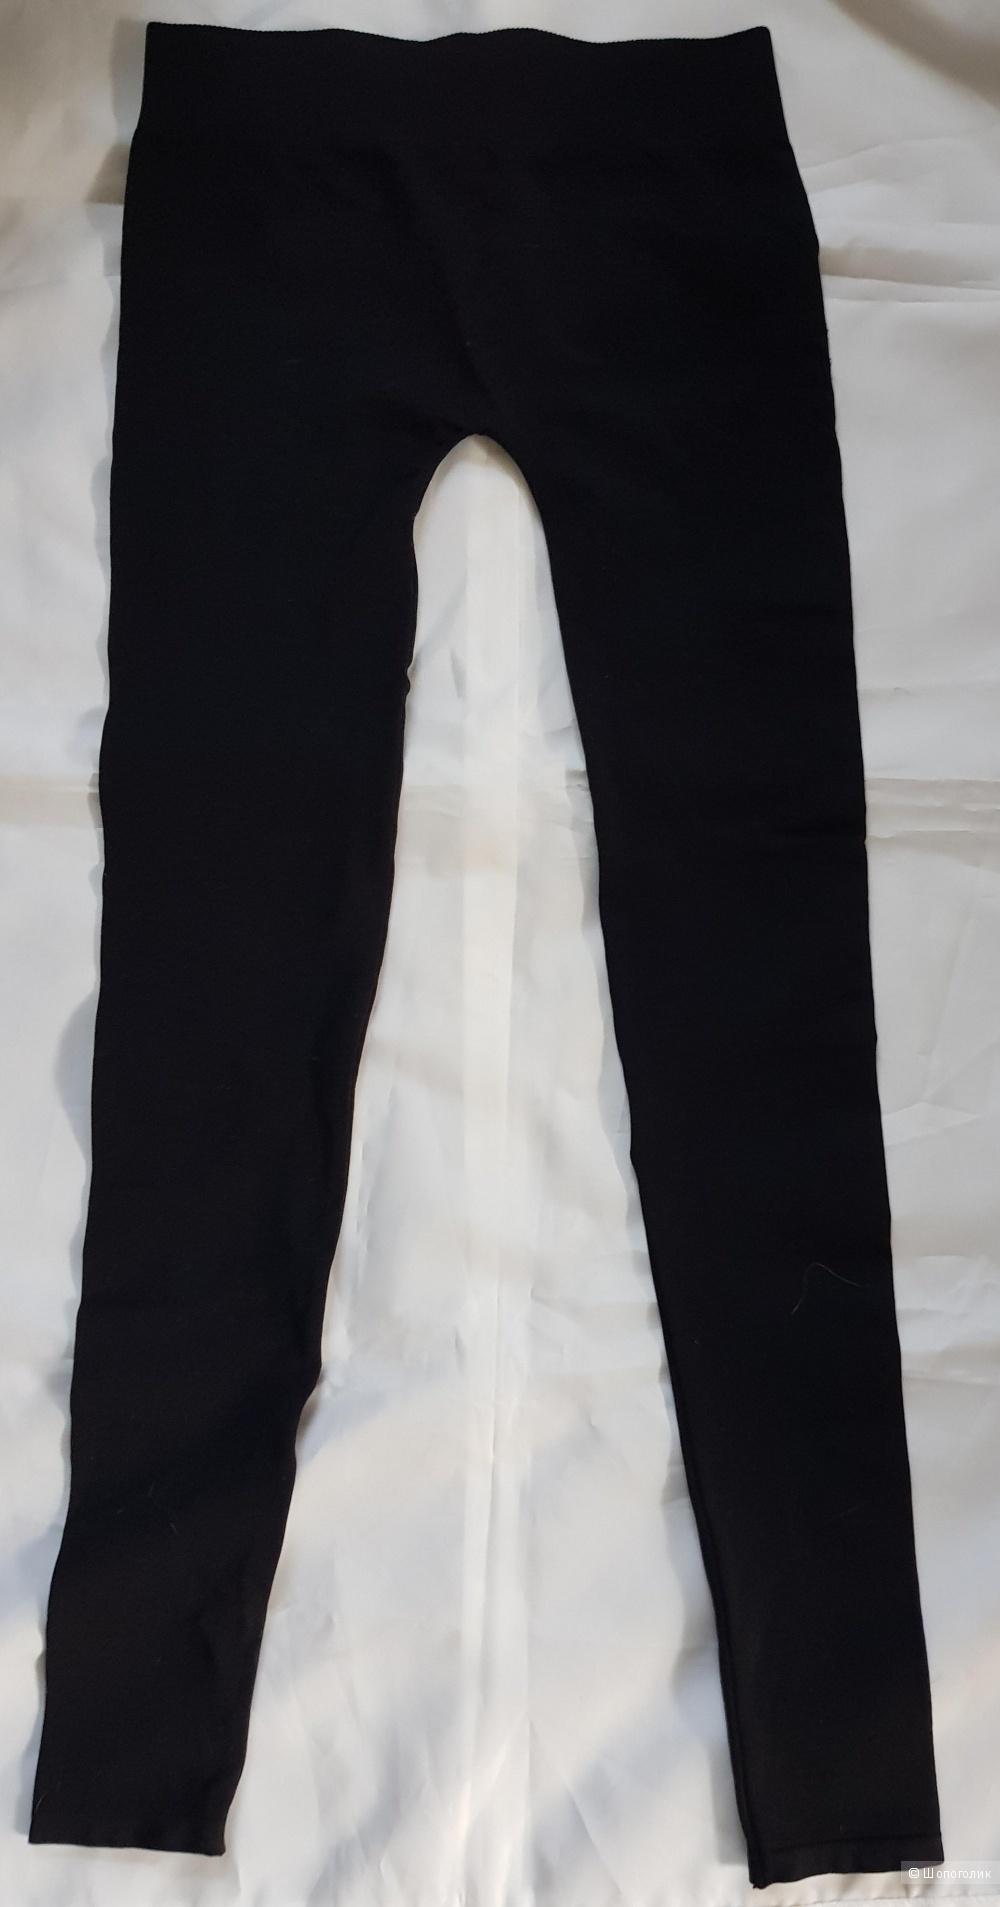 Лосины Cecil, 46-48 размер